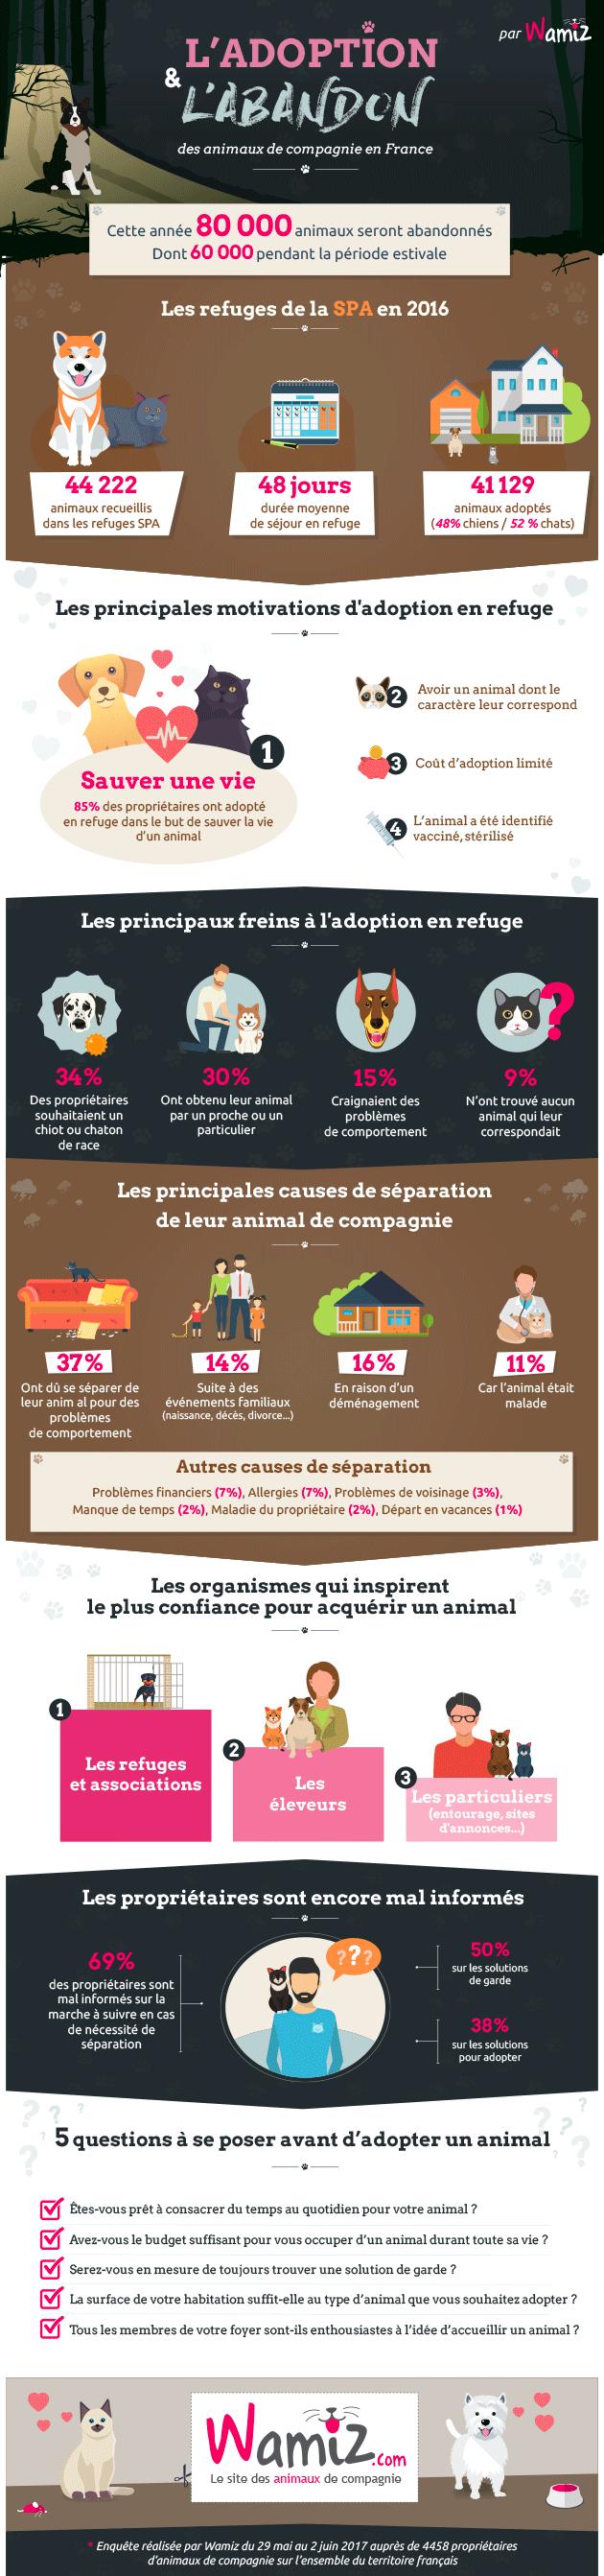 Enquête : Wamiz dresse un état des lieux de l'abandon et de l'adoption en France en 2017